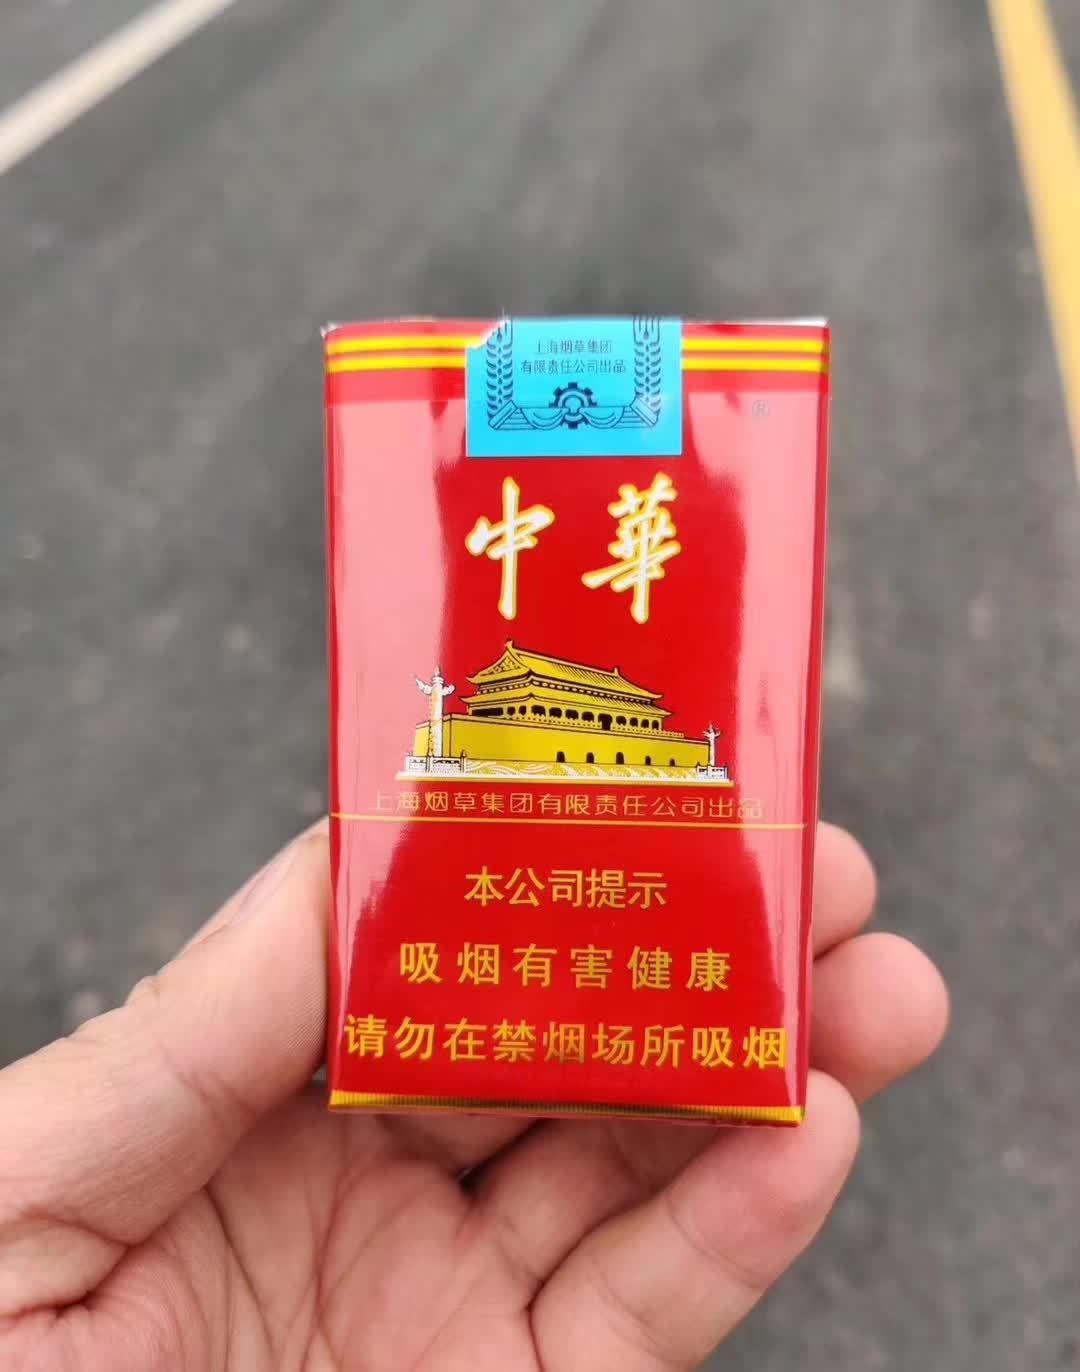 云霄香烟一手货源怎么买|怎么联系云霄卖烟的